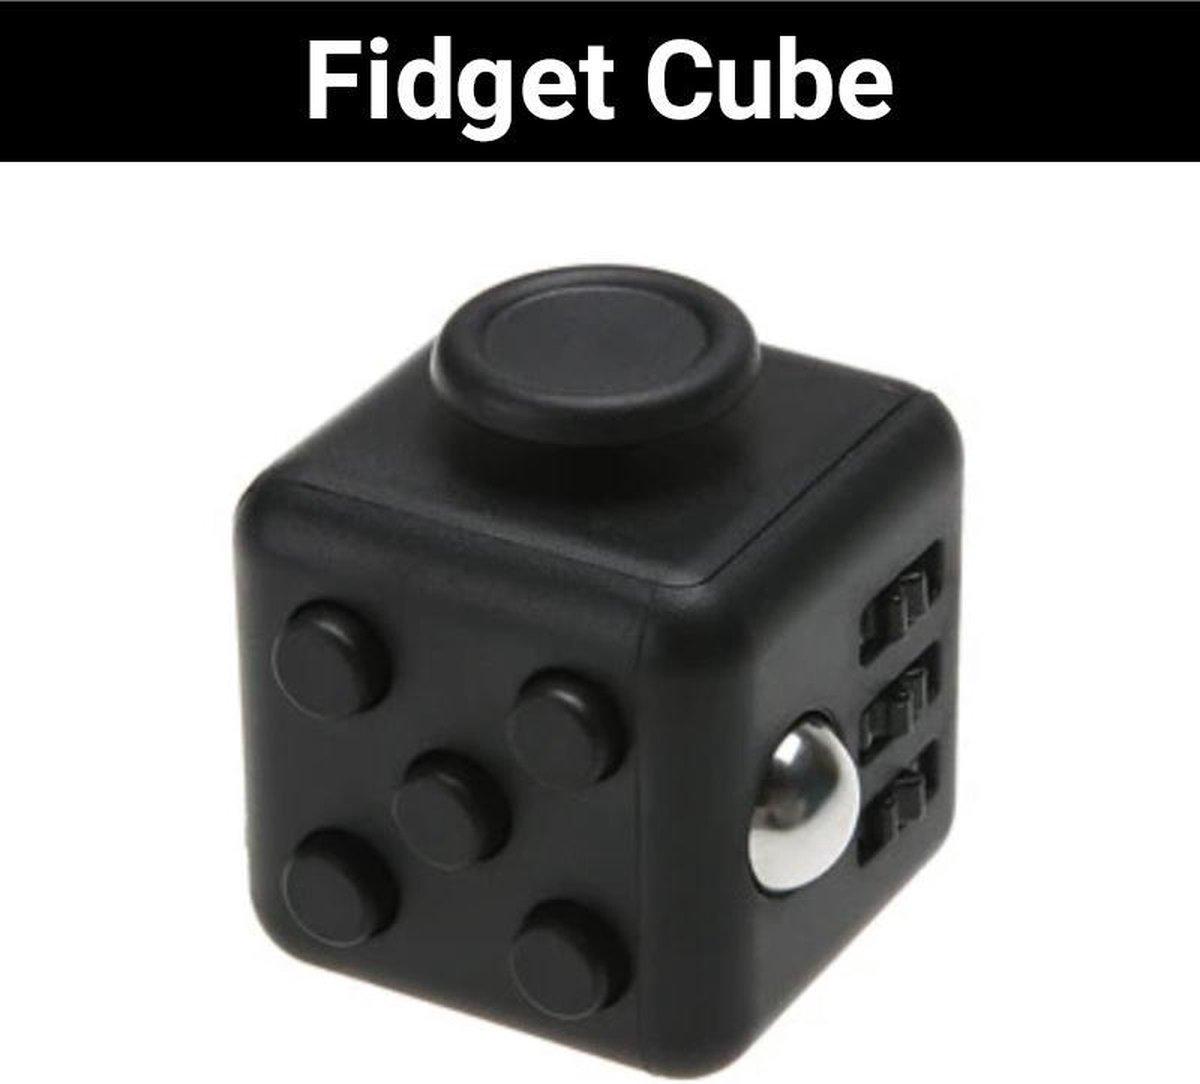 """Fidget Cube """"Zwart"""" - Friemelkubus - Anti Stress Speelgoed - Hoogsensitiviteit - Stressbal voor Hand"""